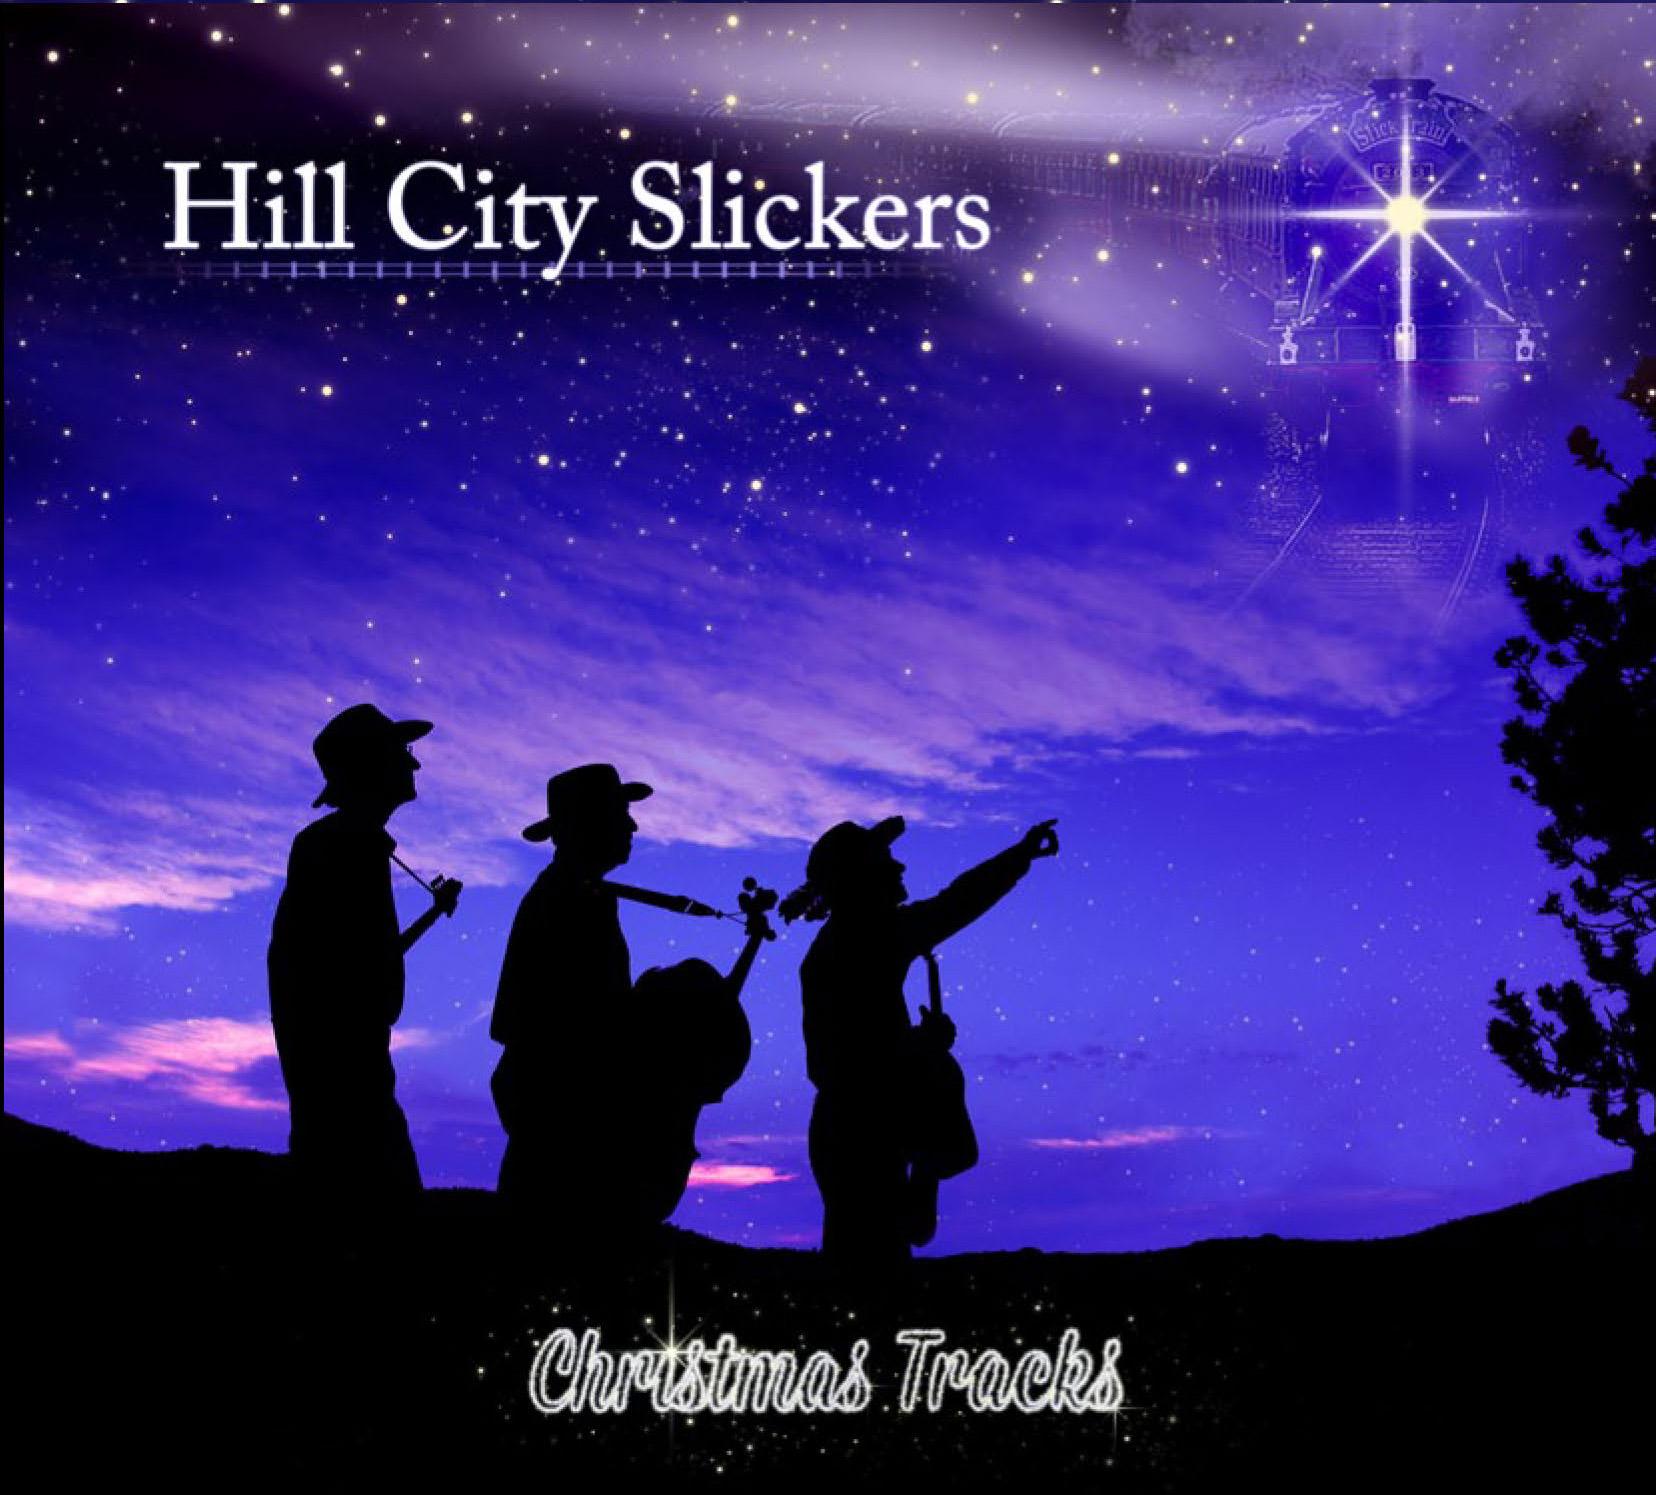 Christmas Tracks